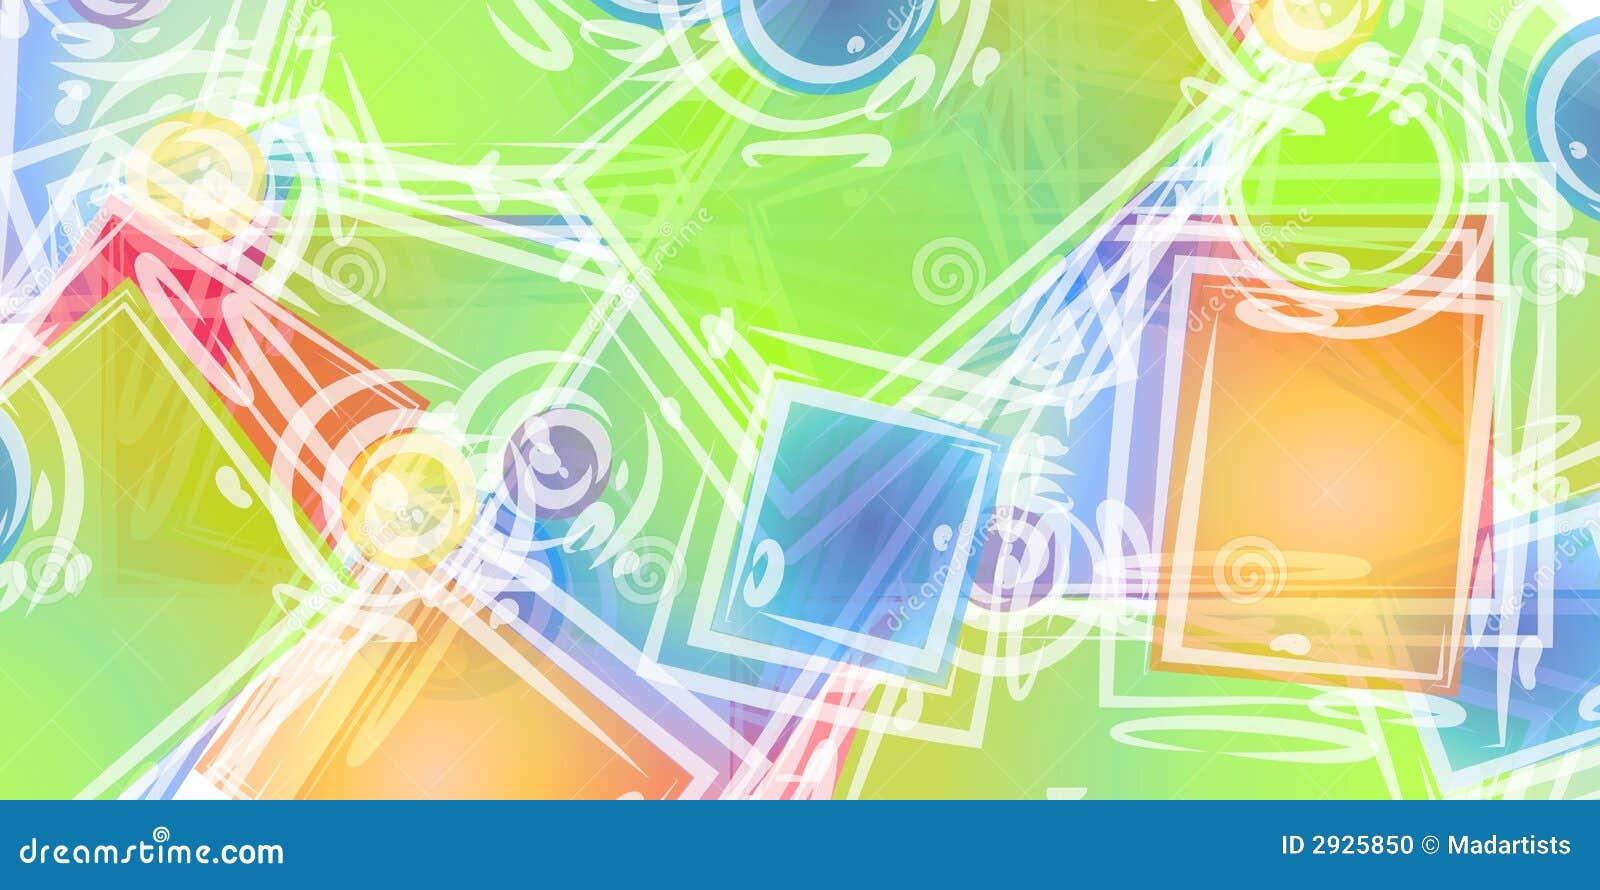 art artsy arty background - photo #6